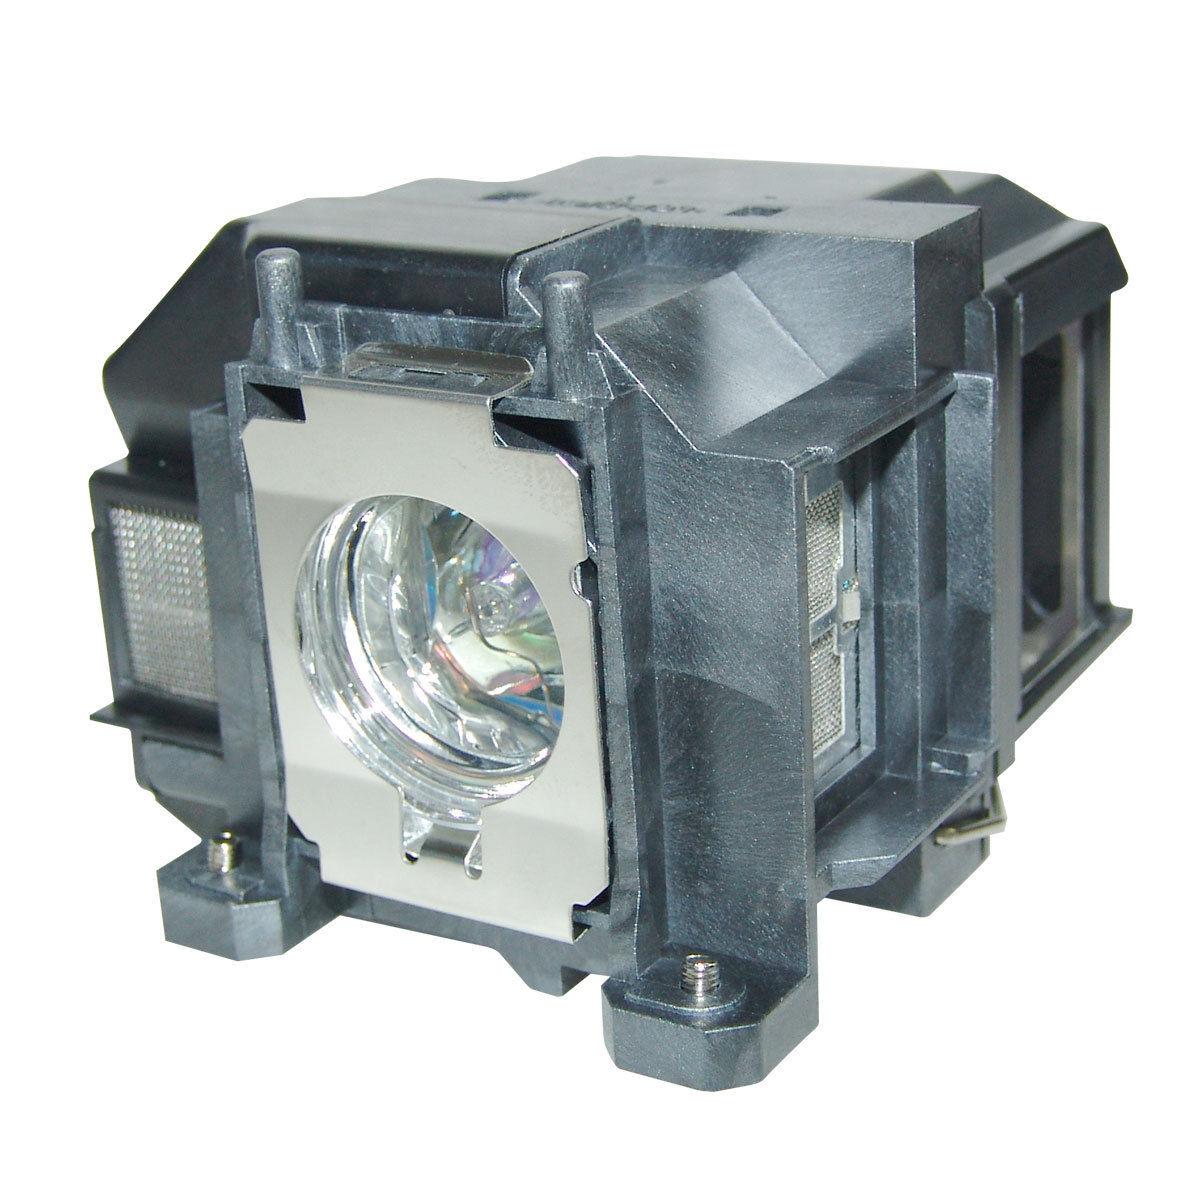 Lâmpada compatível para ELPLP67/V13H010L67 para EPSON EX3210/EX3212/EX5210/EX6210